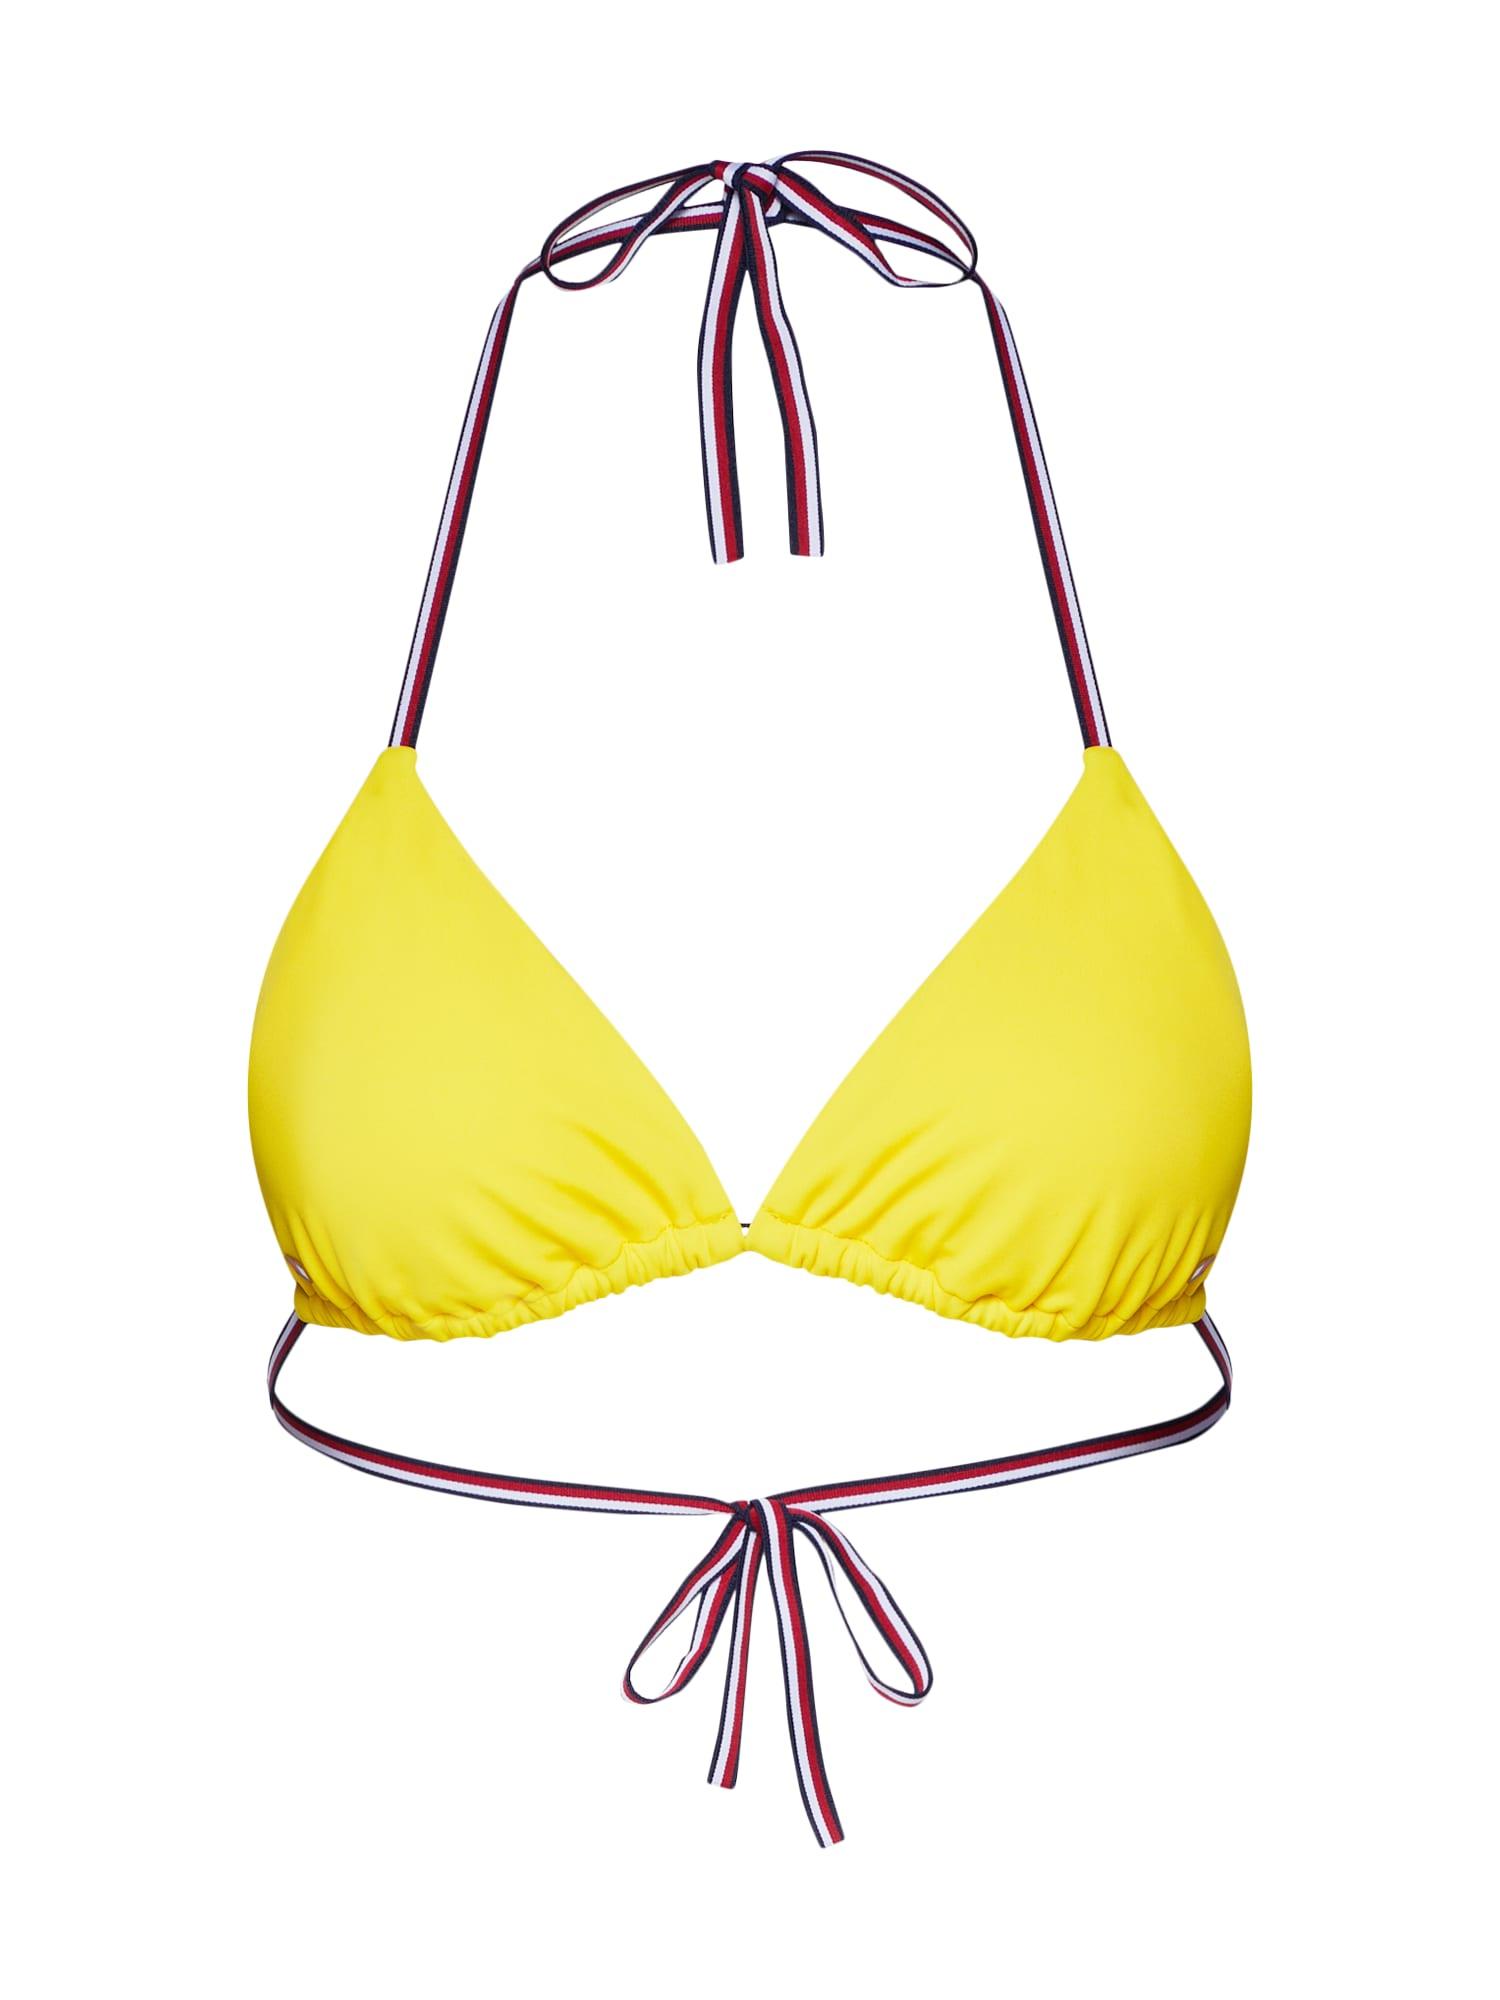 Horní díl plavek TRIANGLE žlutá Tommy Hilfiger Underwear